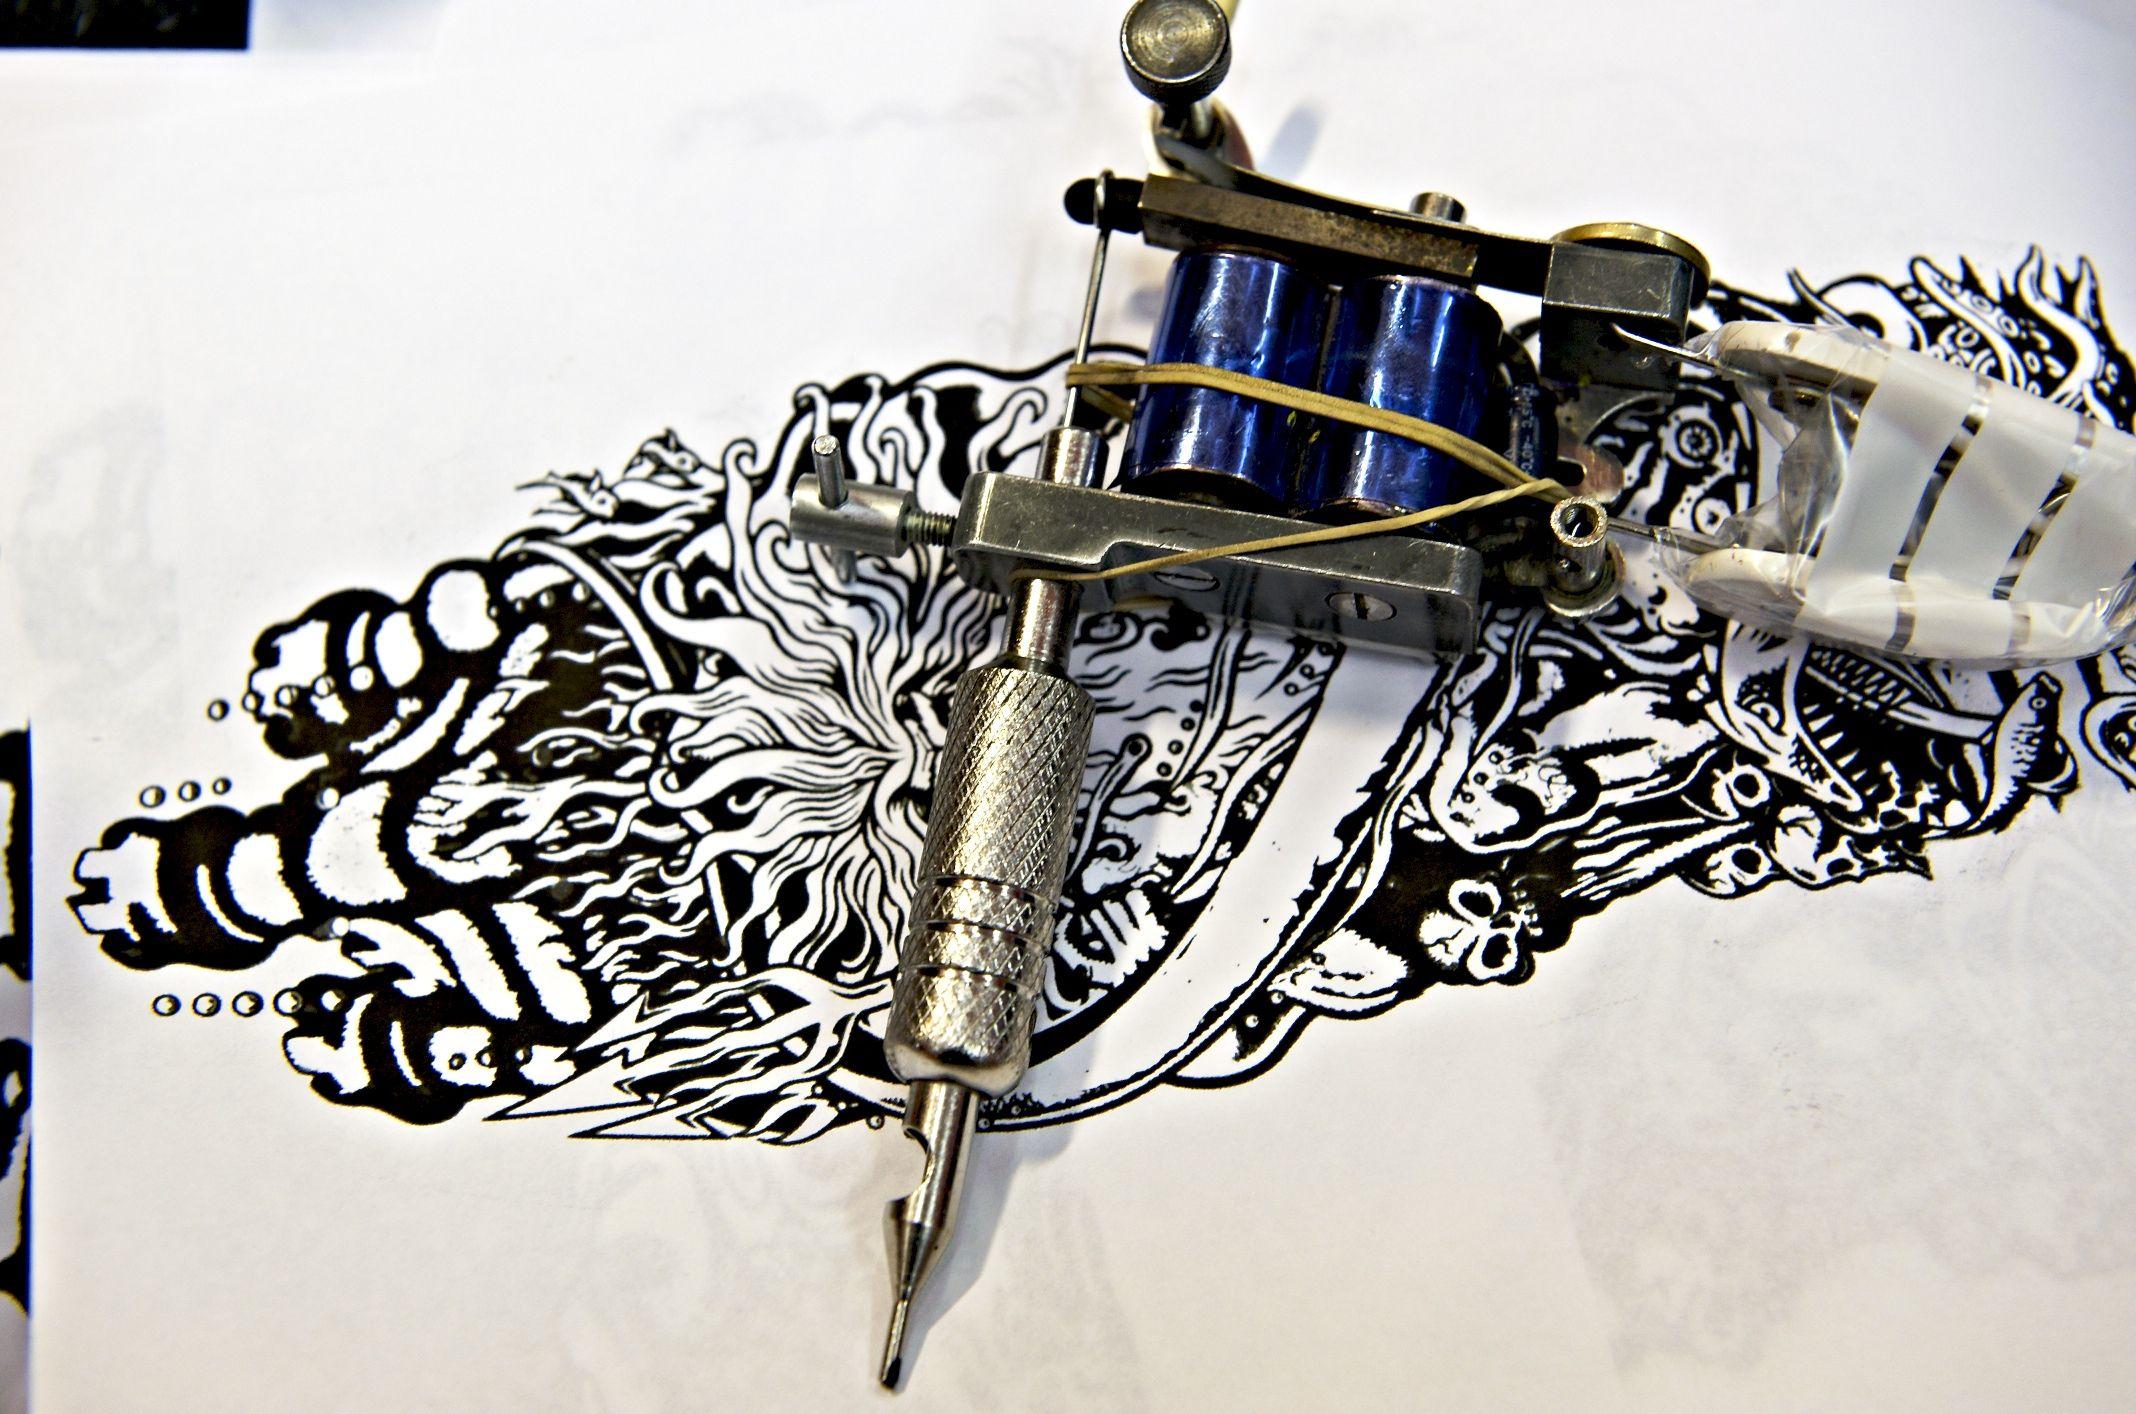 Pin On Hd Wallpapers Tattoo machine wallpaper hd